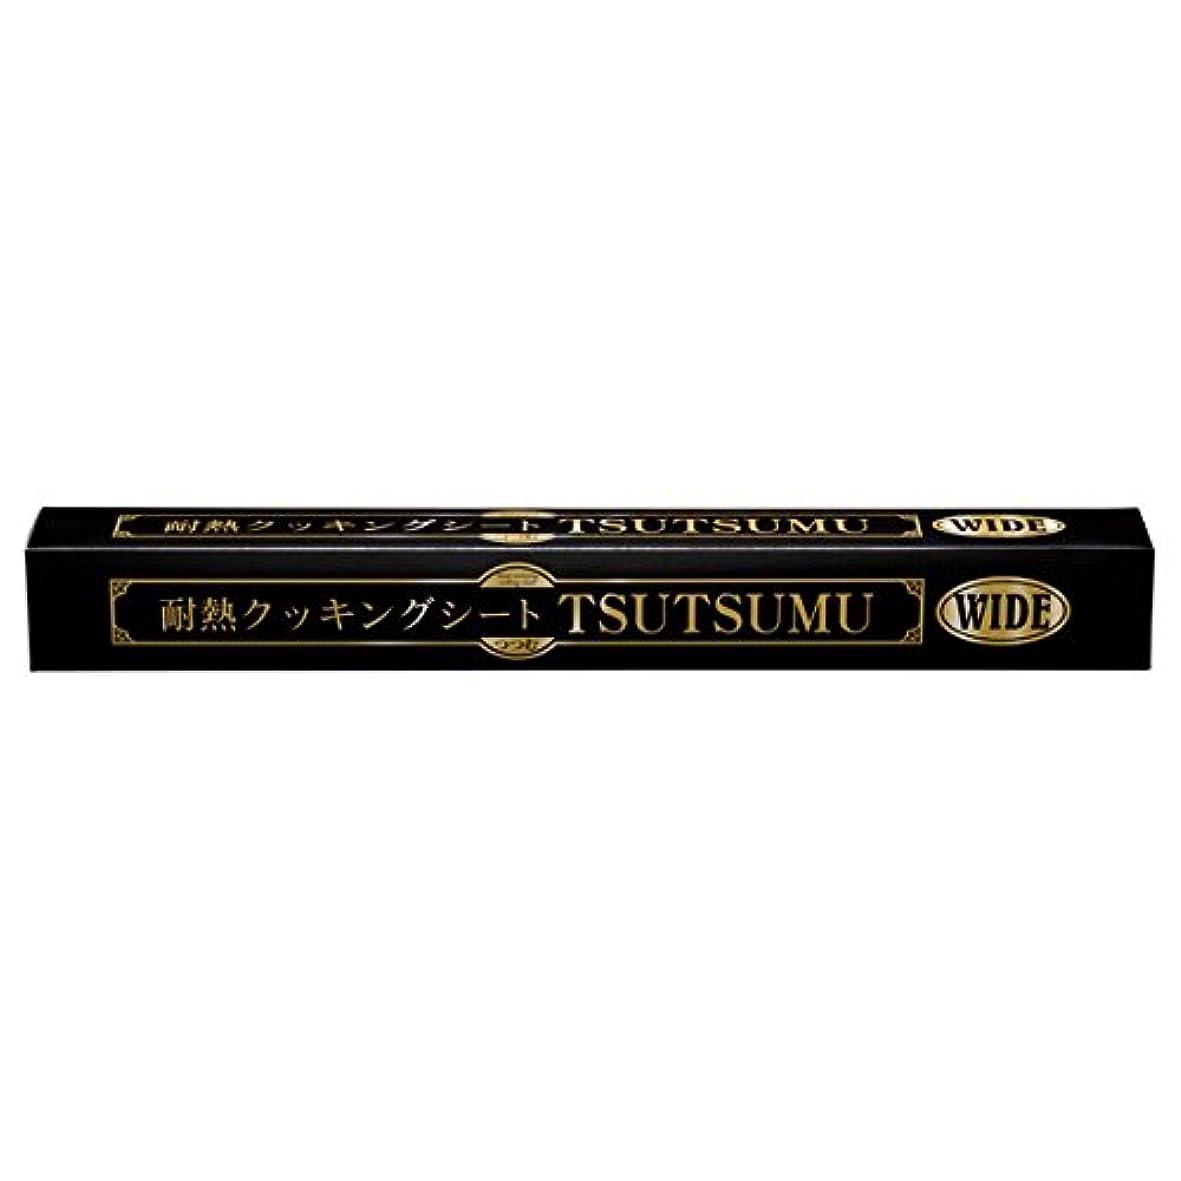 脱走平日暫定リケンファブロ TSUTSUMU 耐熱クッキングシート ロールタイプ ワイド 45cm×25m 6本入